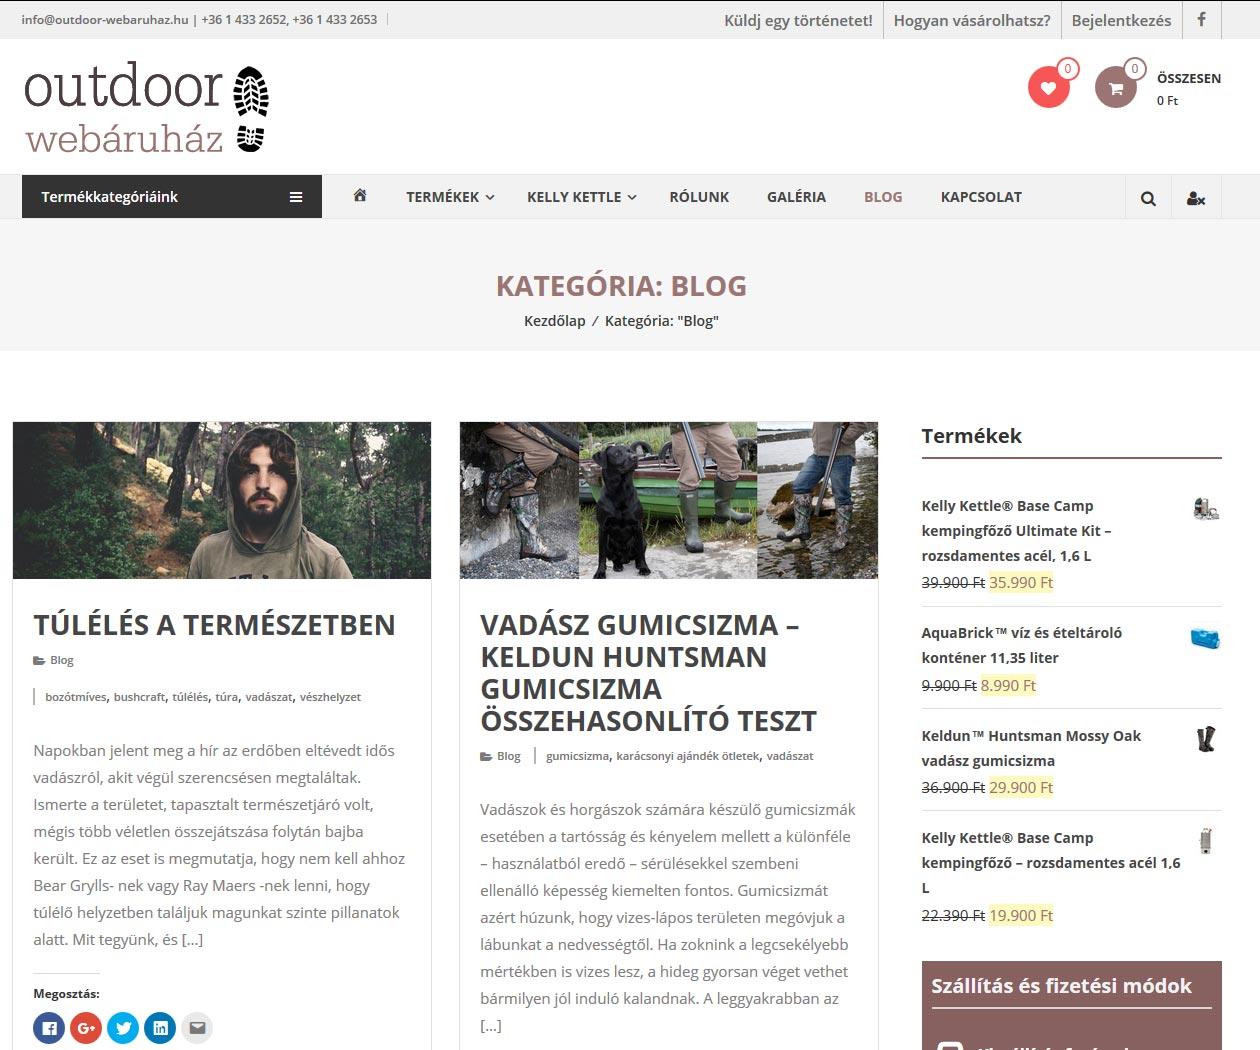 outdoor-webaruhaz-blog